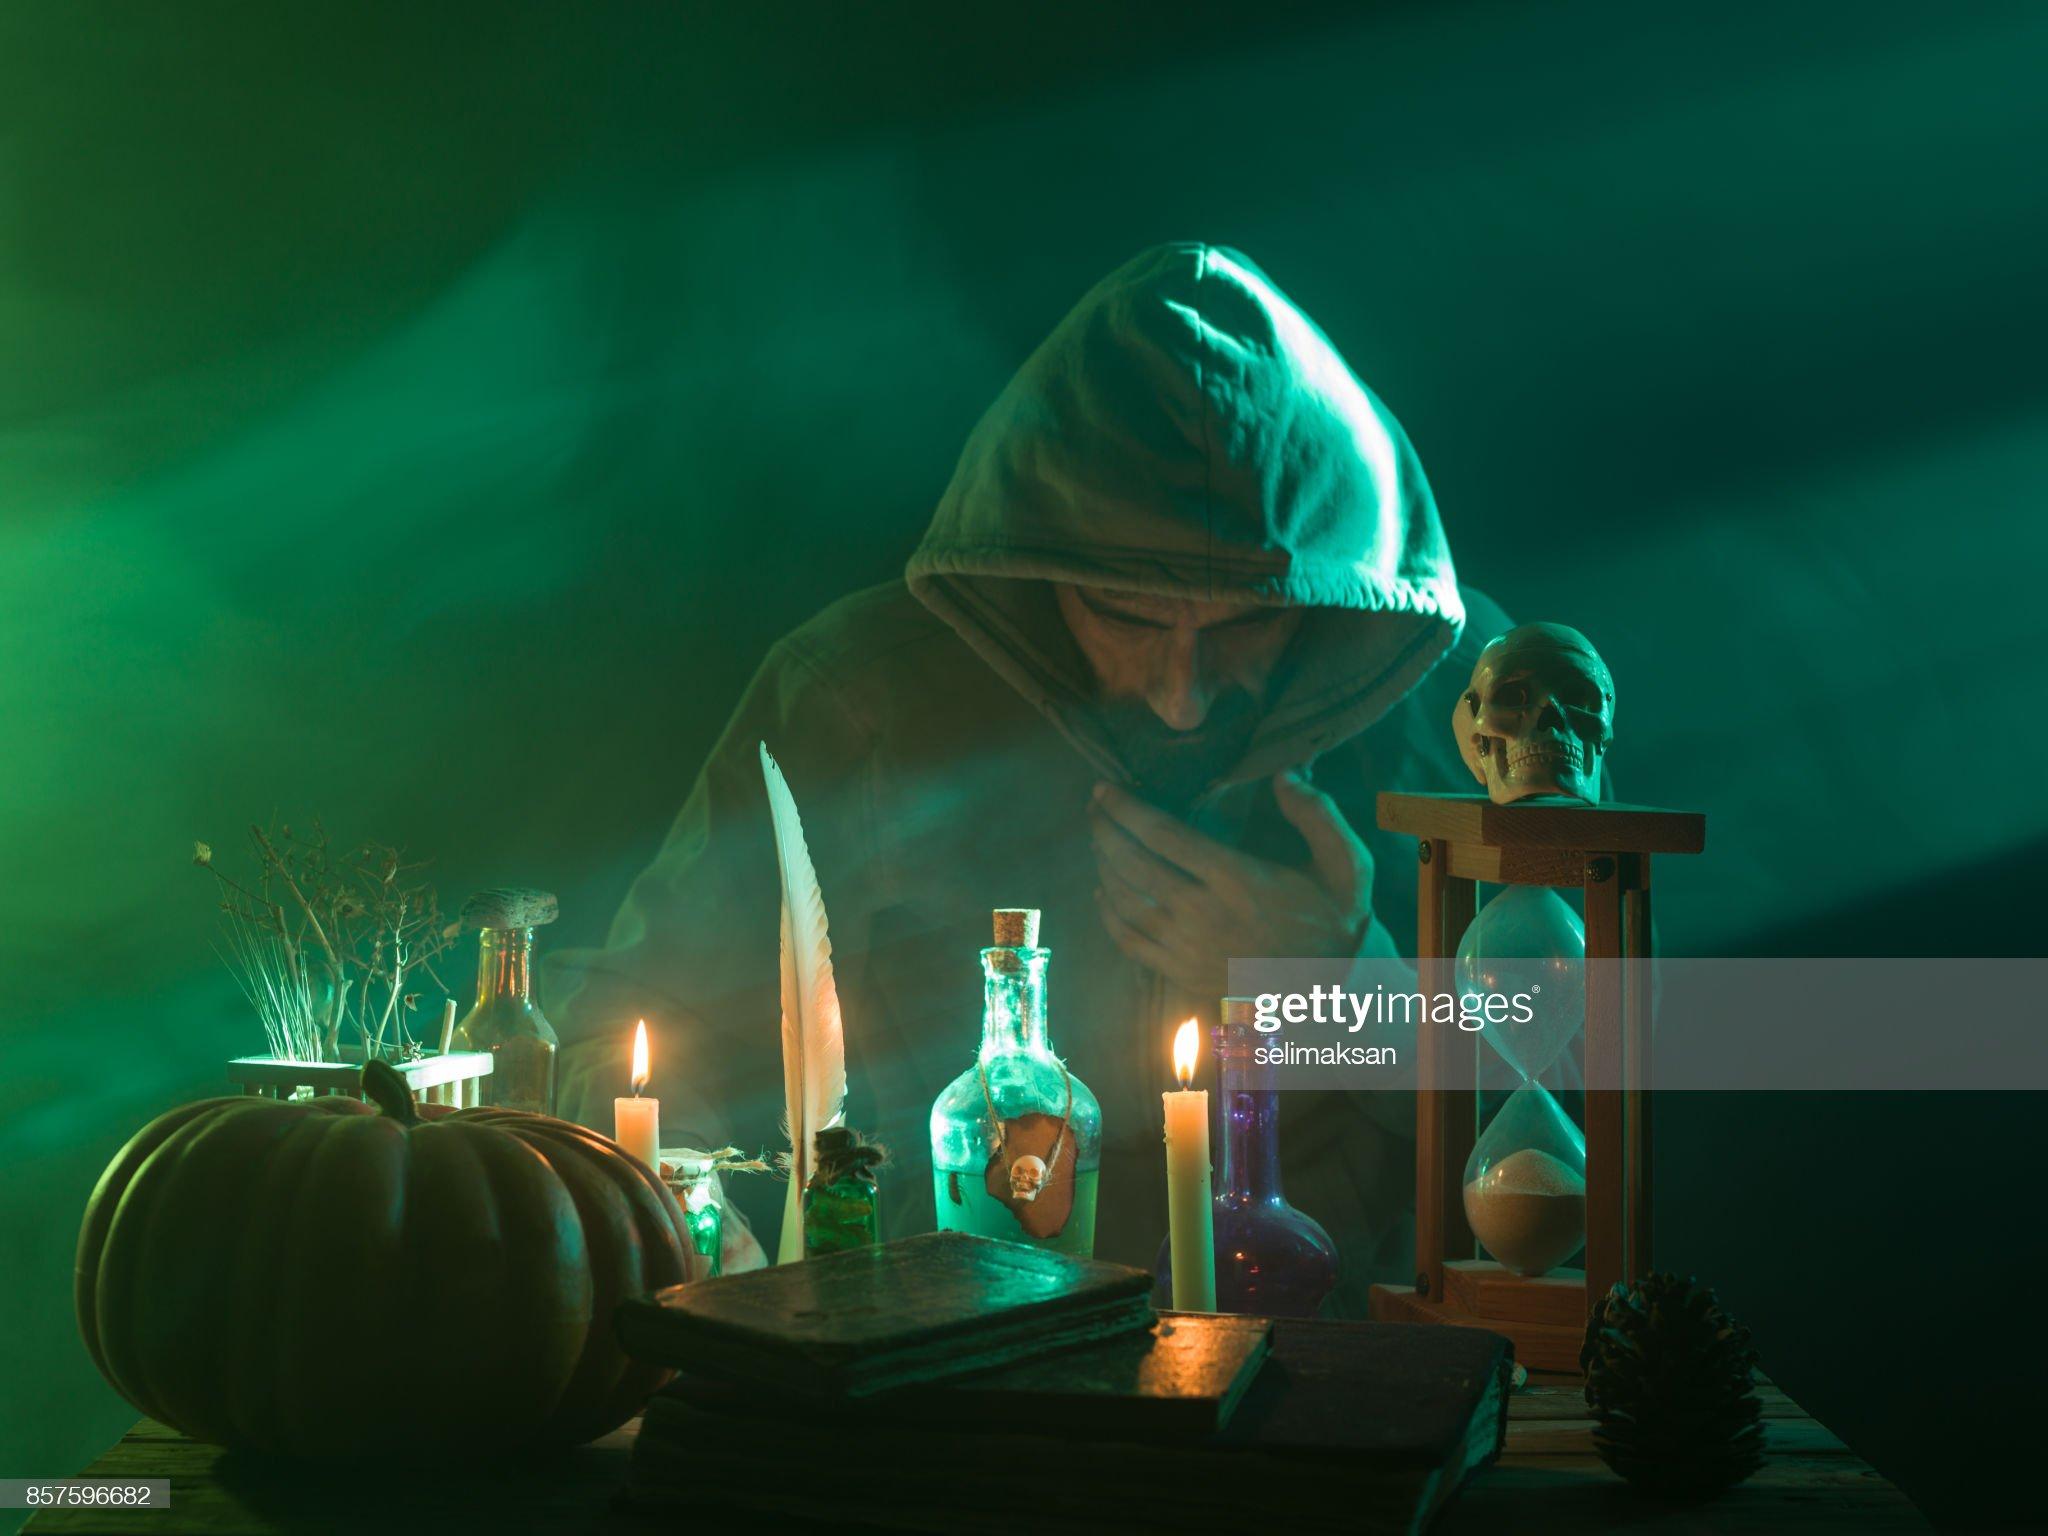 ハロウィーンの魔法を作るフード付きのコートを着て男 : ストックフォト